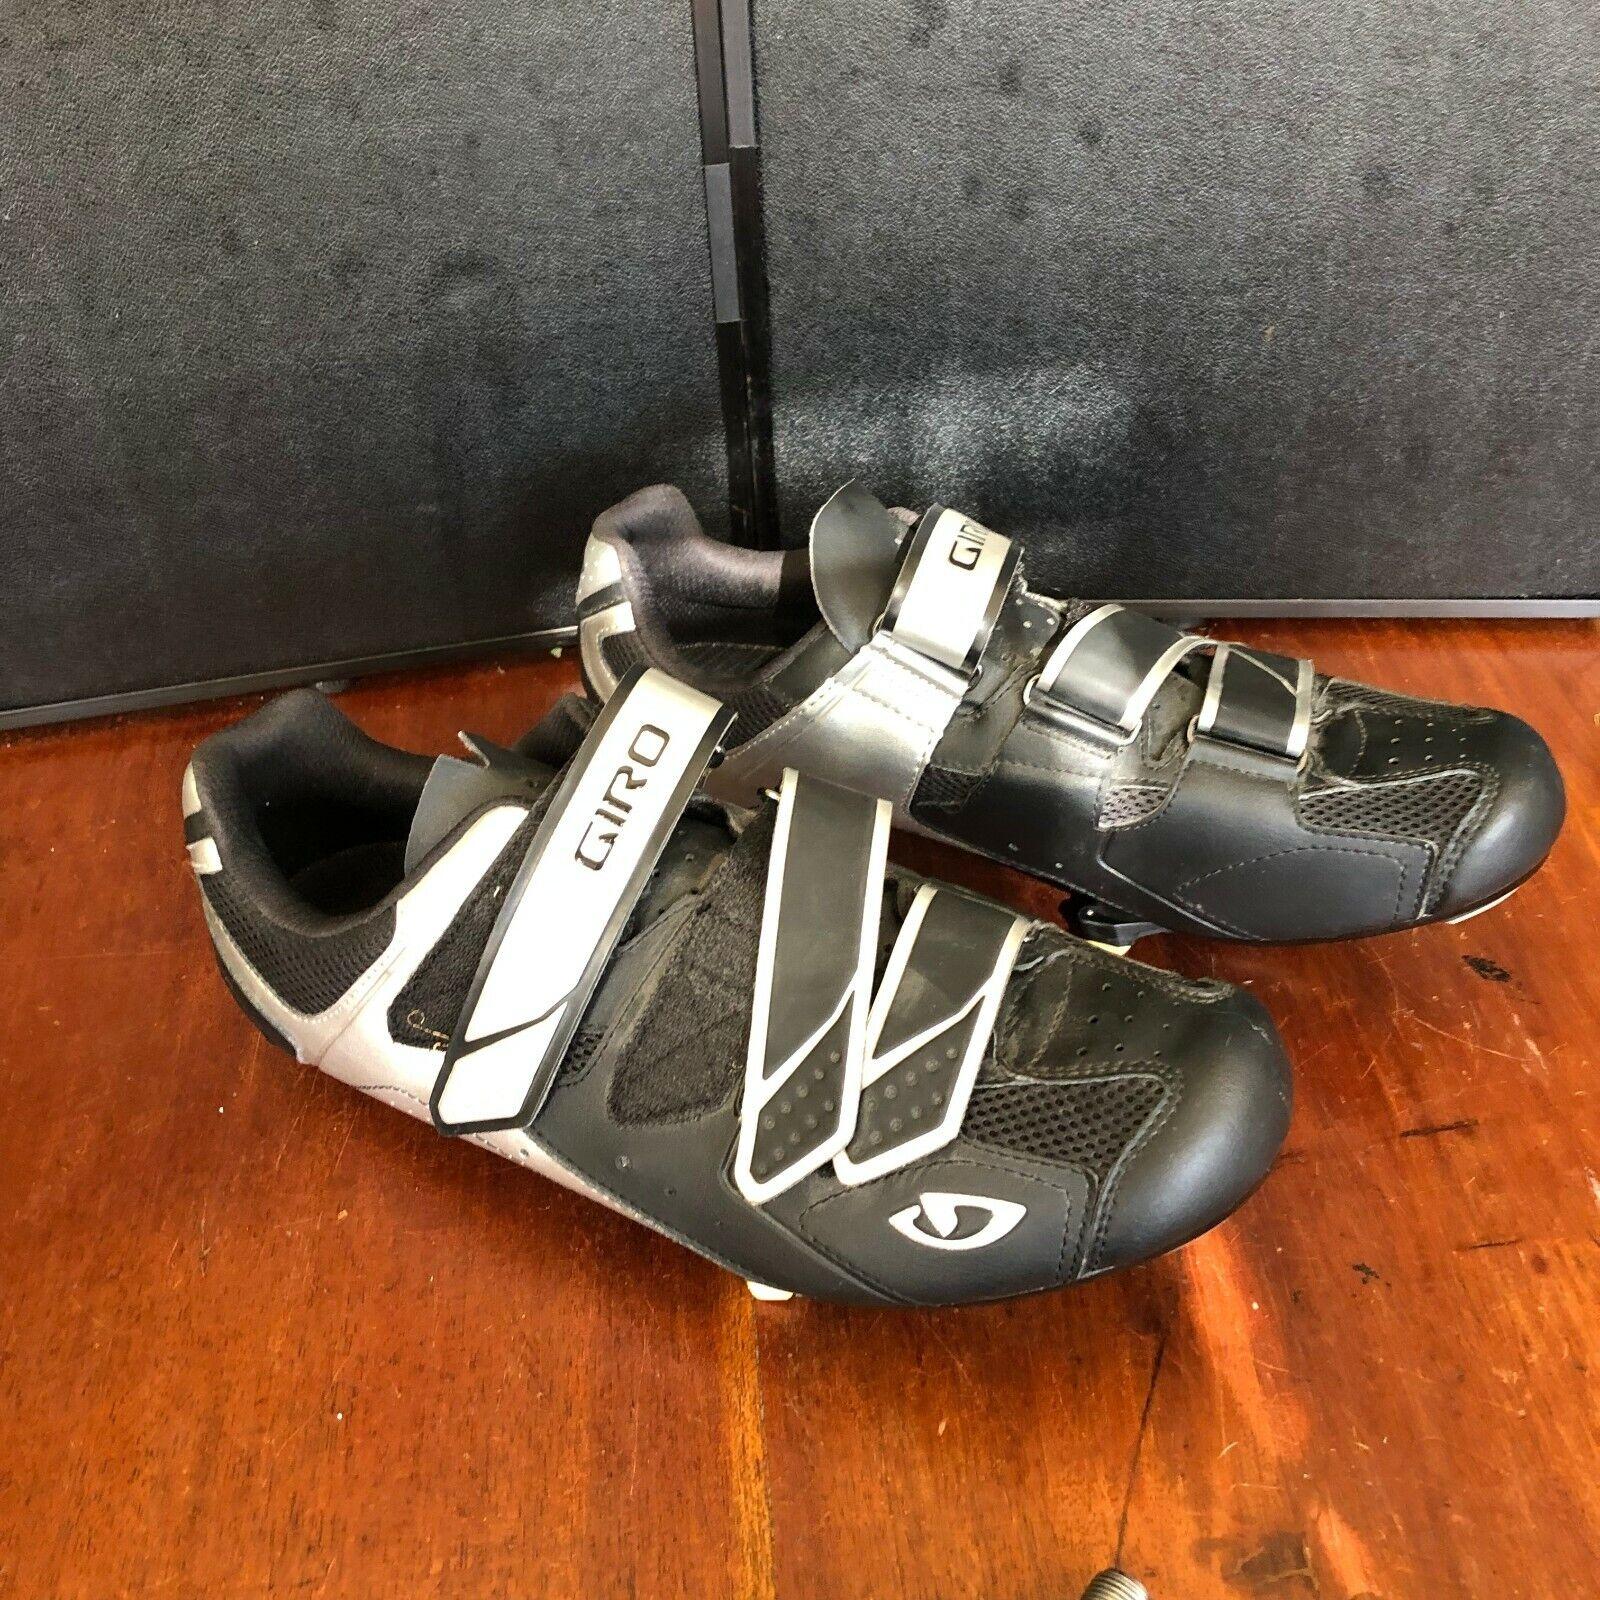 Giro Treble ciclismo sautope Diuominiione uomini 11.5 US in excellent condition